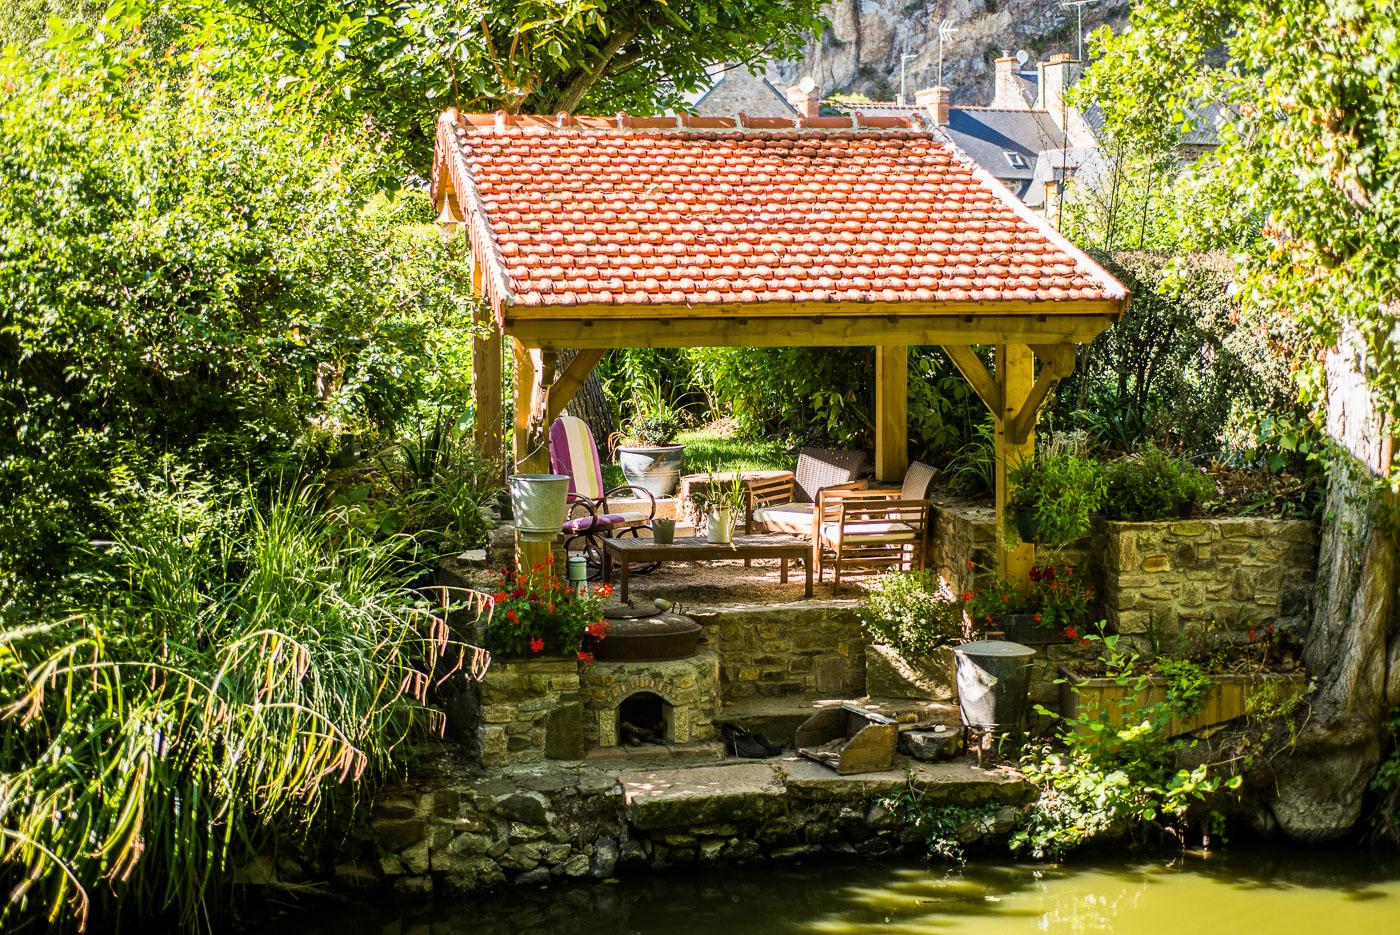 Le journal de l 39 association les lavoirs lamballais les lavoirs lamballais - Office de tourisme lamballe ...